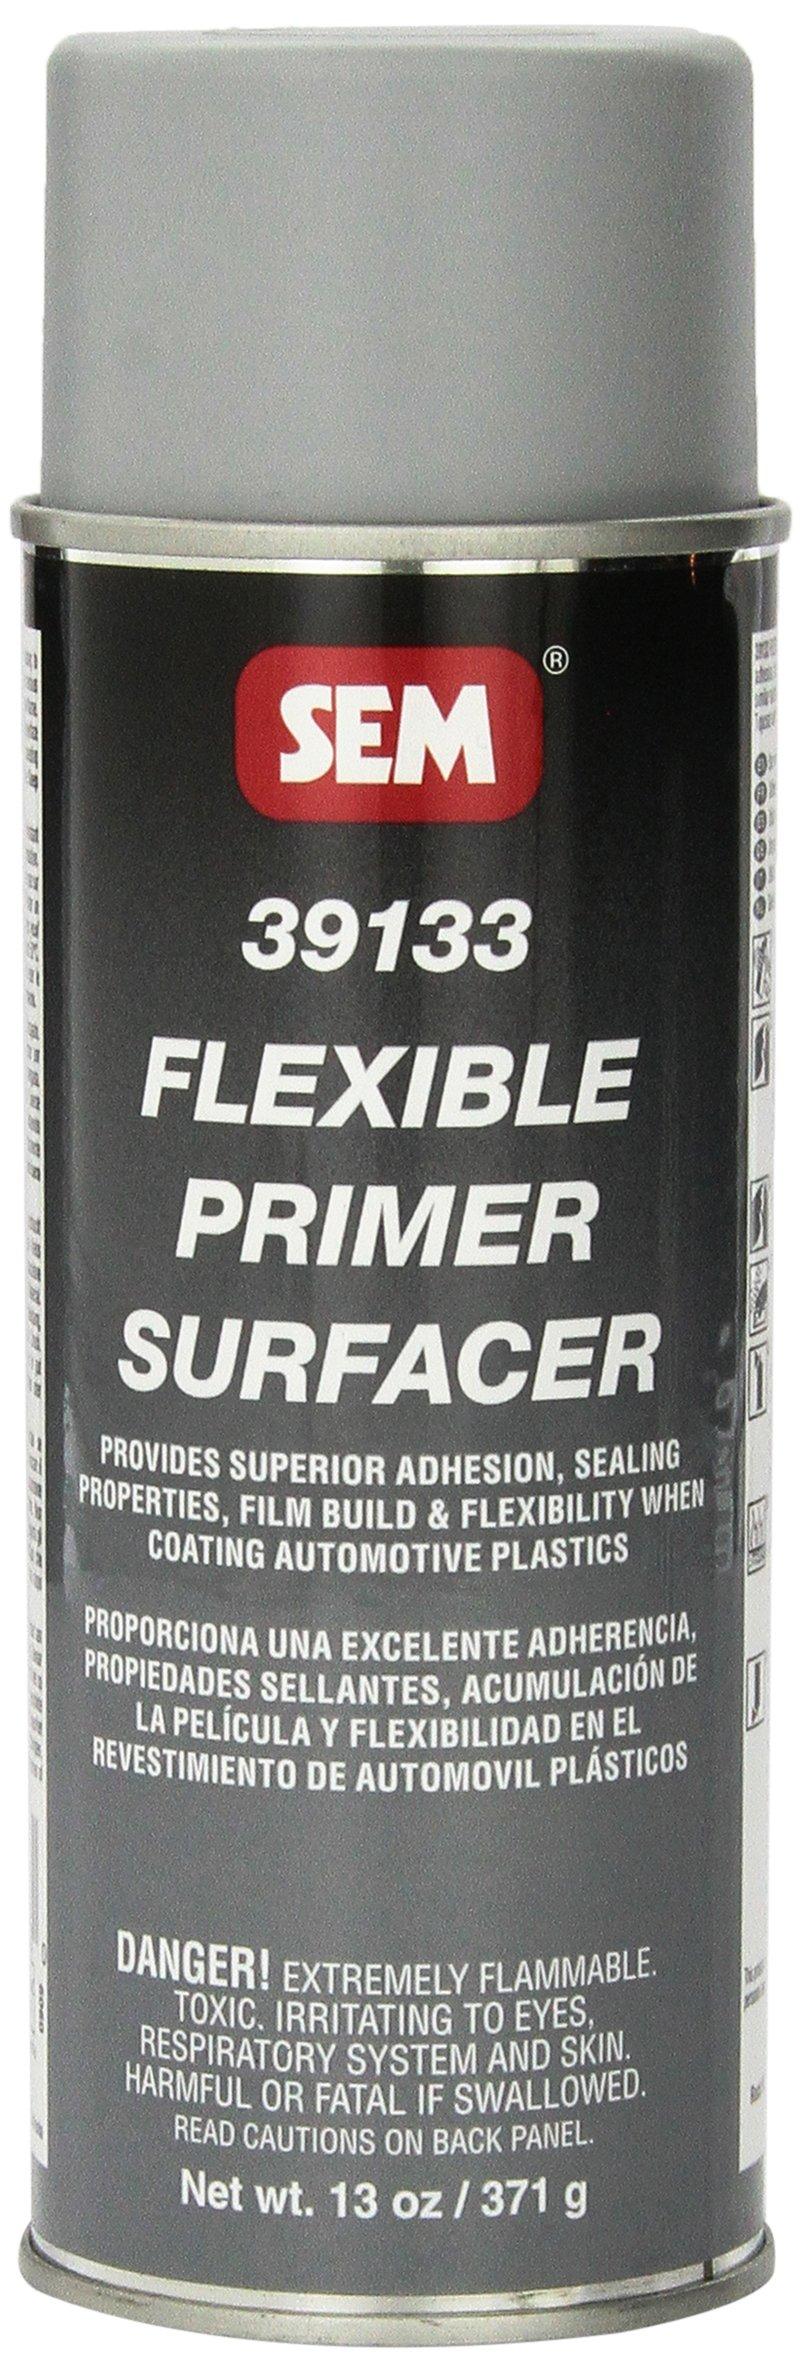 SEM 39133 Flexible Primer Surfacer - 13 oz. by SEM